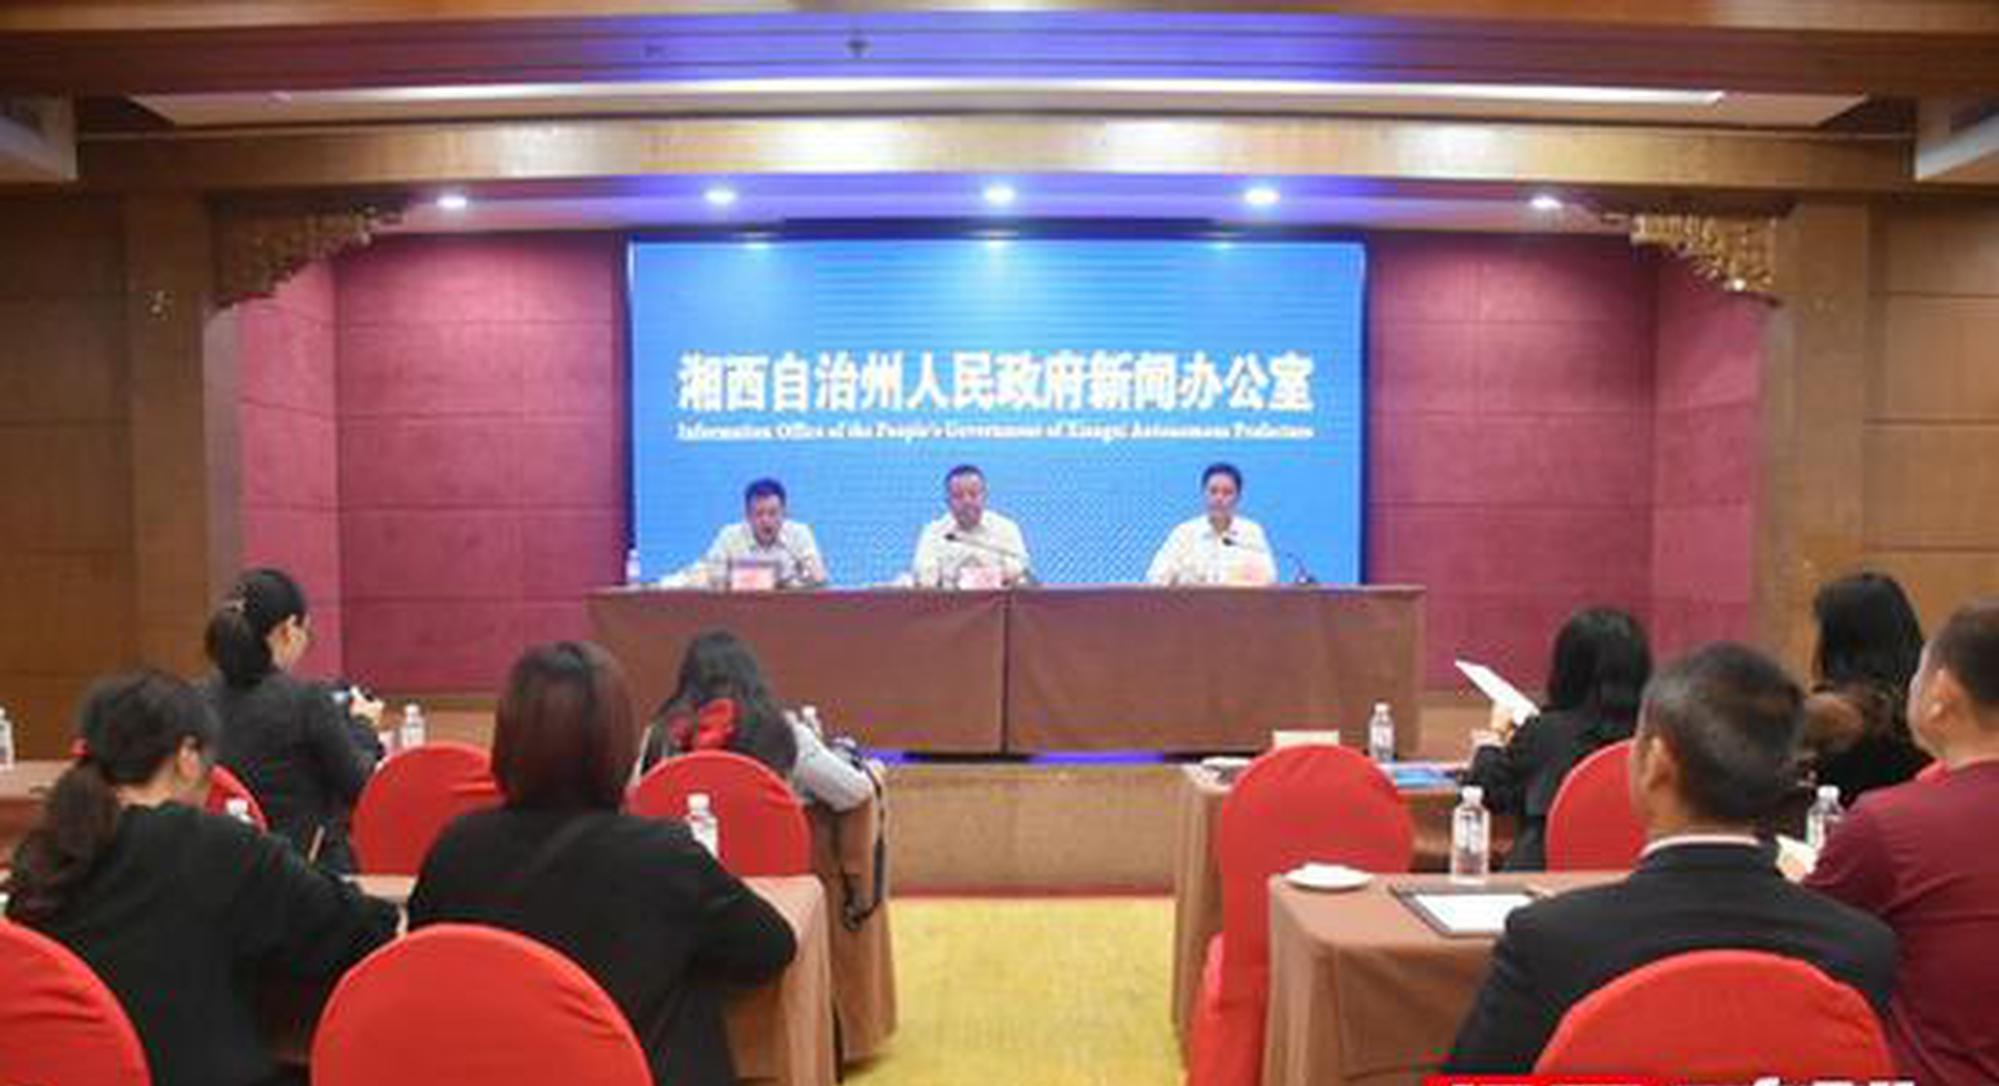 湘西世界地质公园9月23日揭碑 1万张旅游卡将免费发放